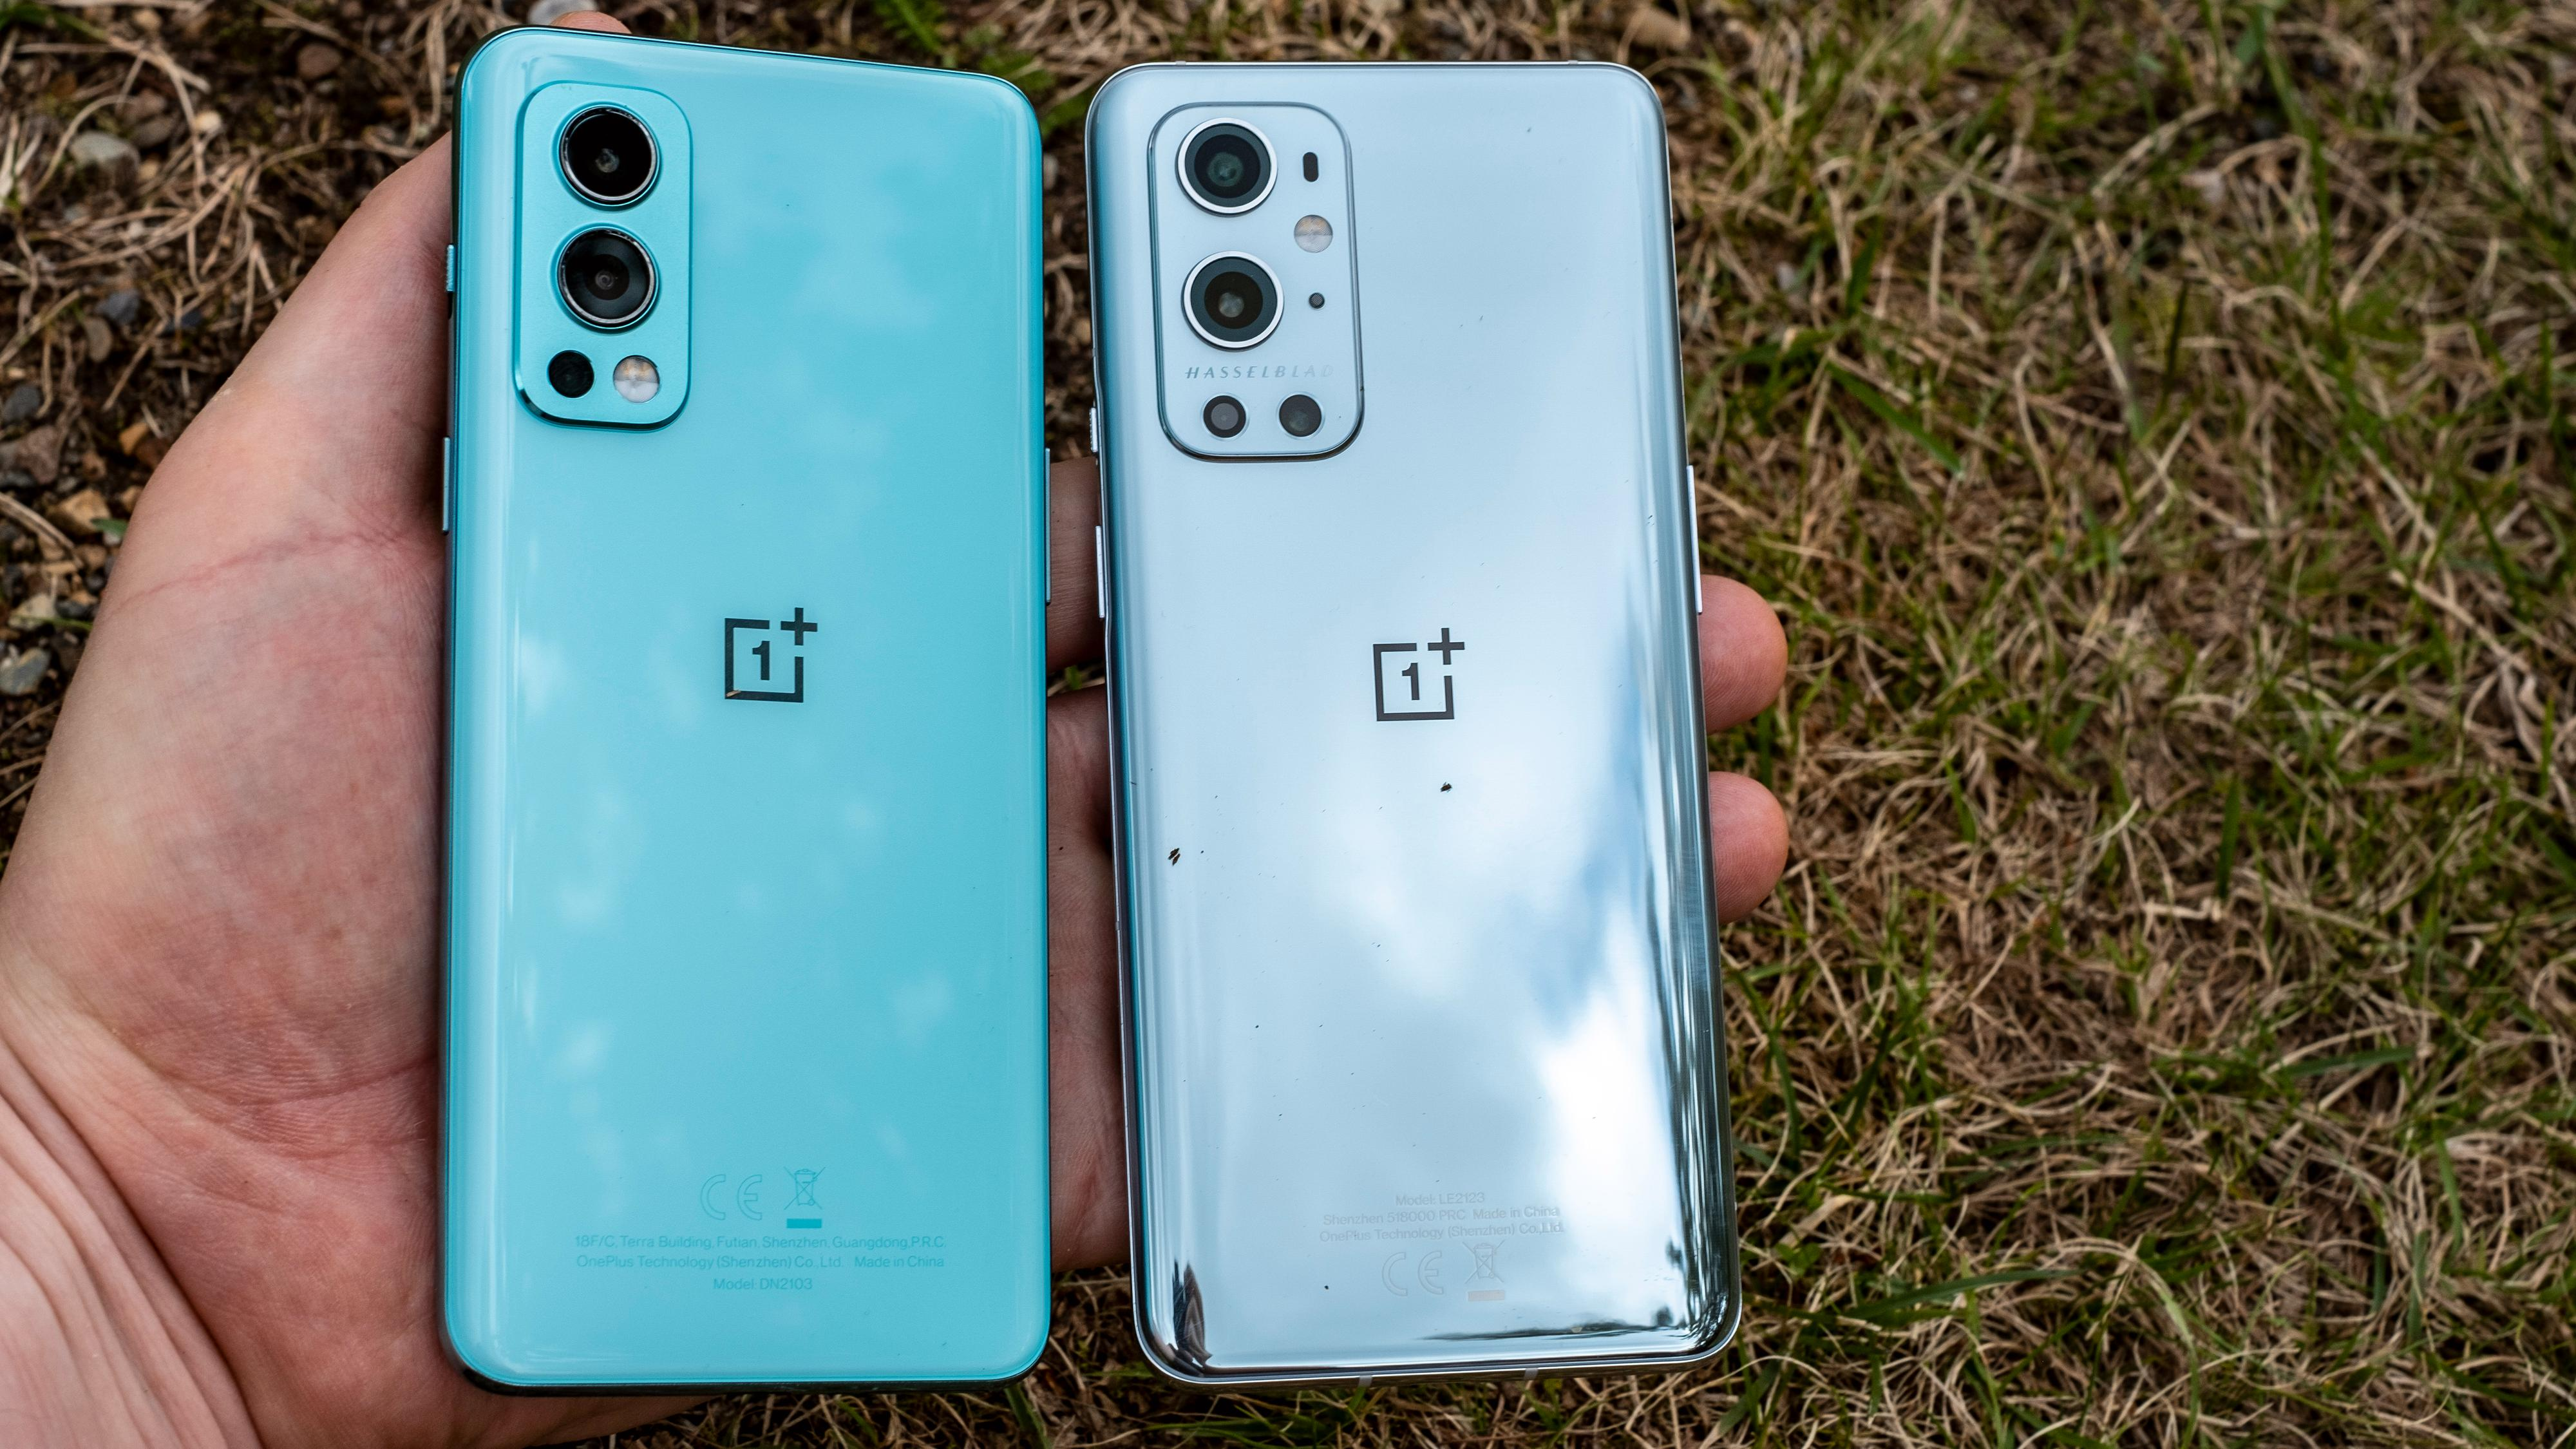 OnePlus Nord 2 til venstre og OnePlus 9 til høyre.